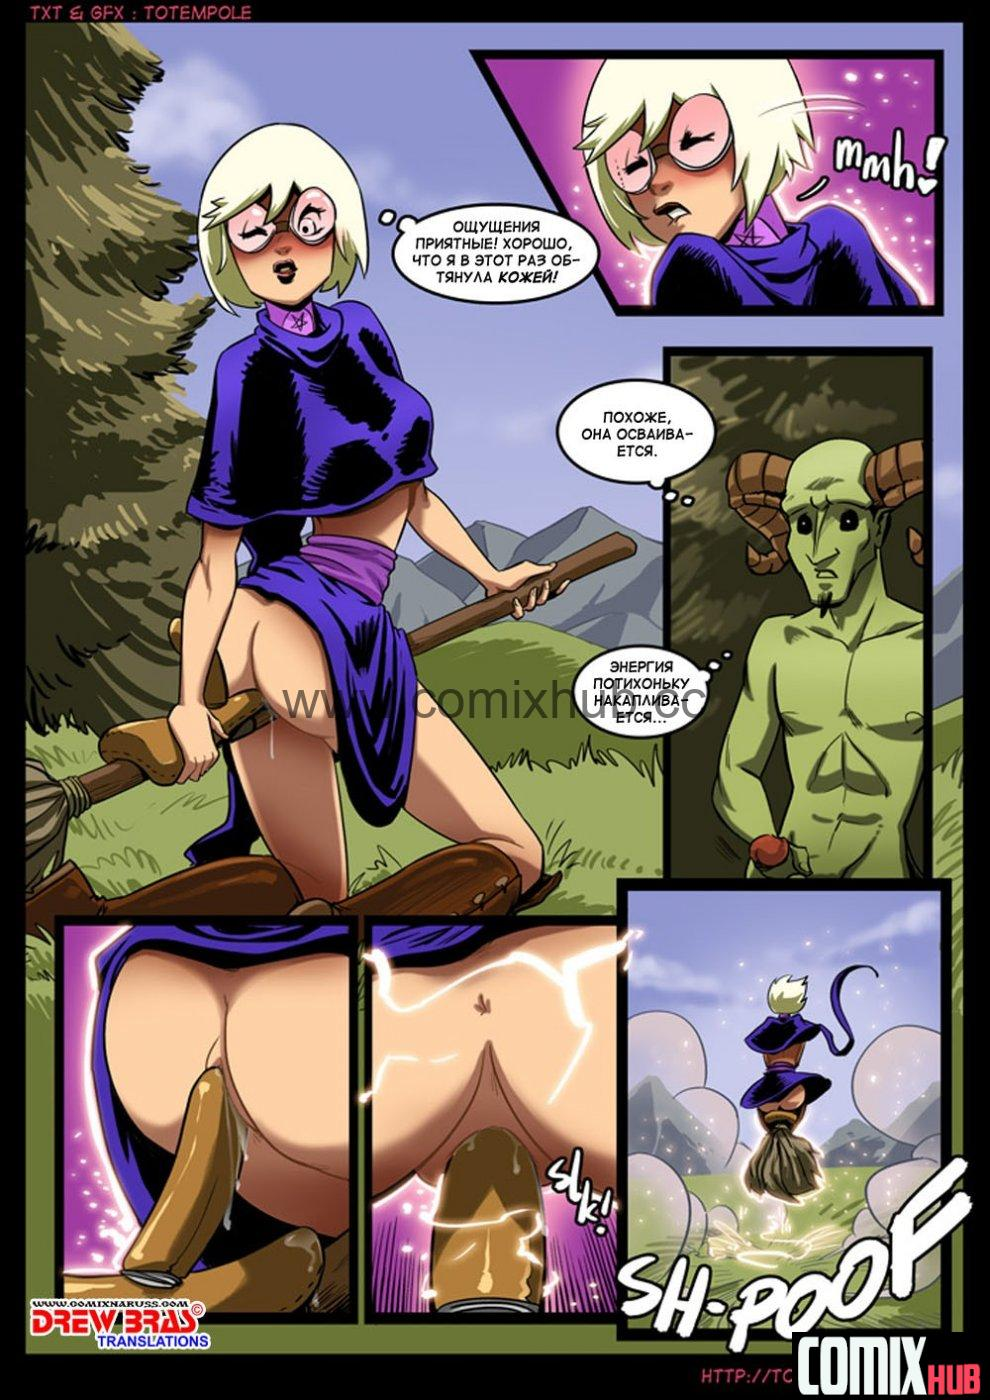 Порно комикс Волшебница, часть 7 Порно комиксы, Анал, Монстры